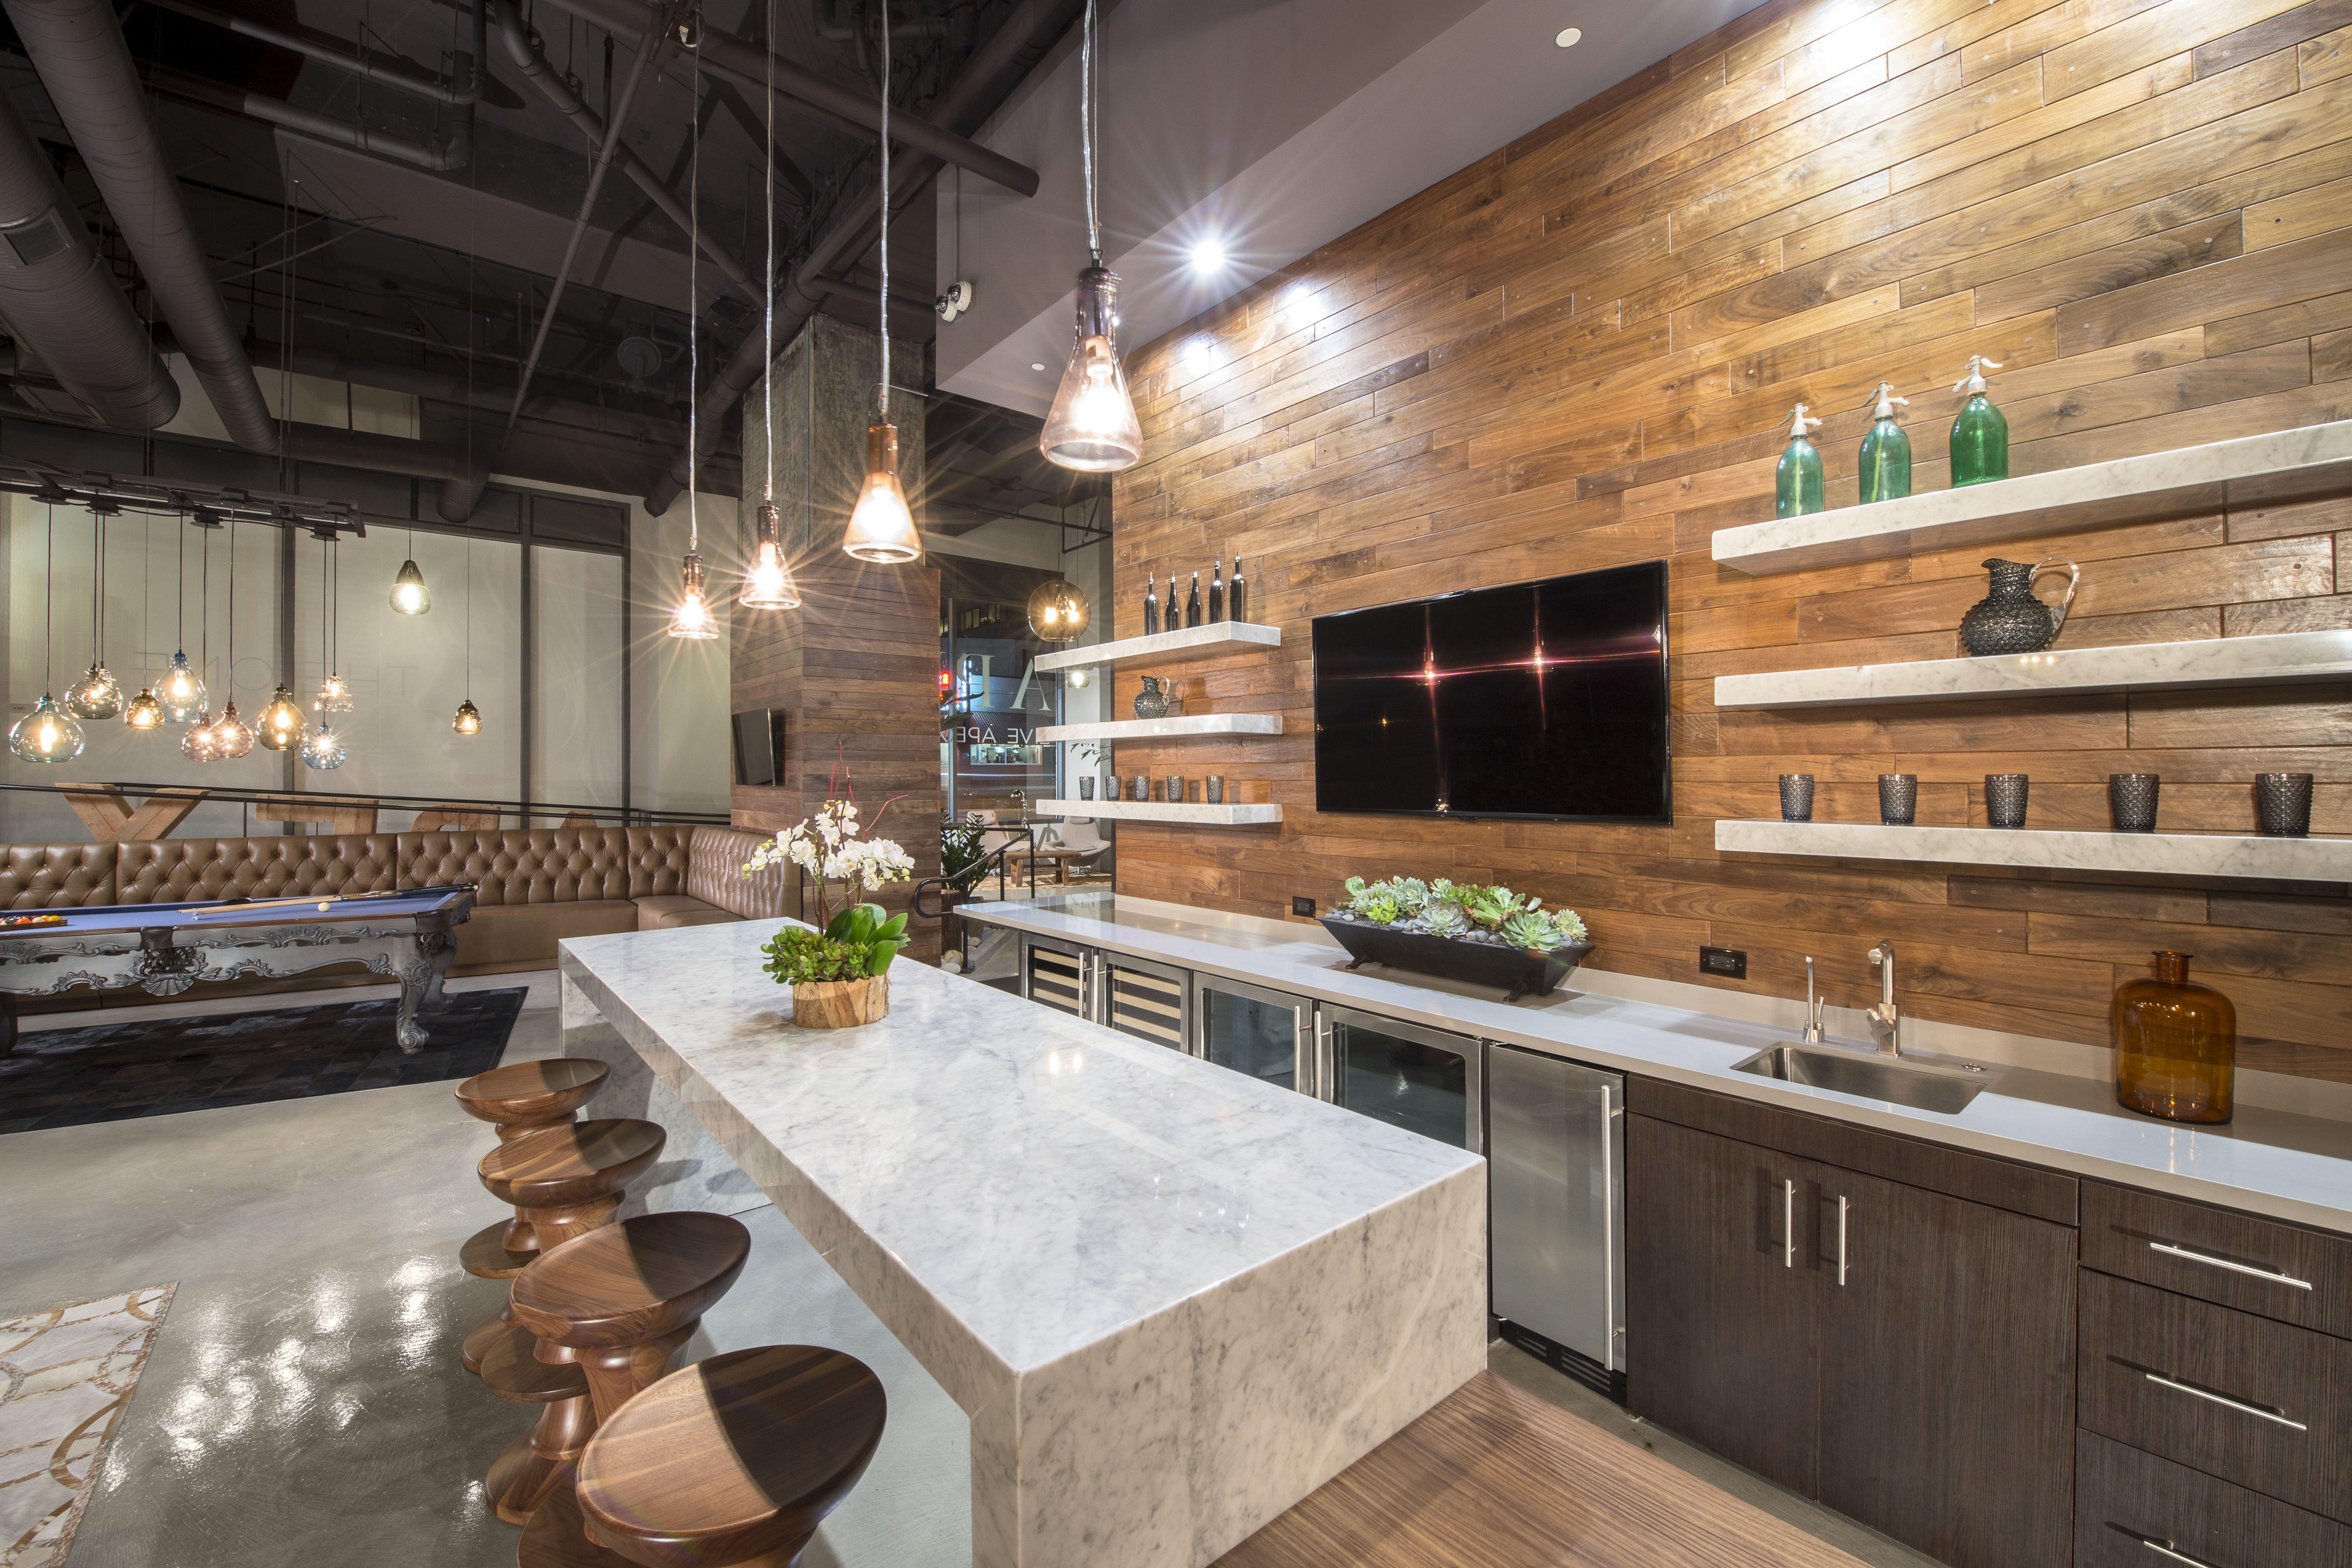 Modern Industrial Kitchen Lighting